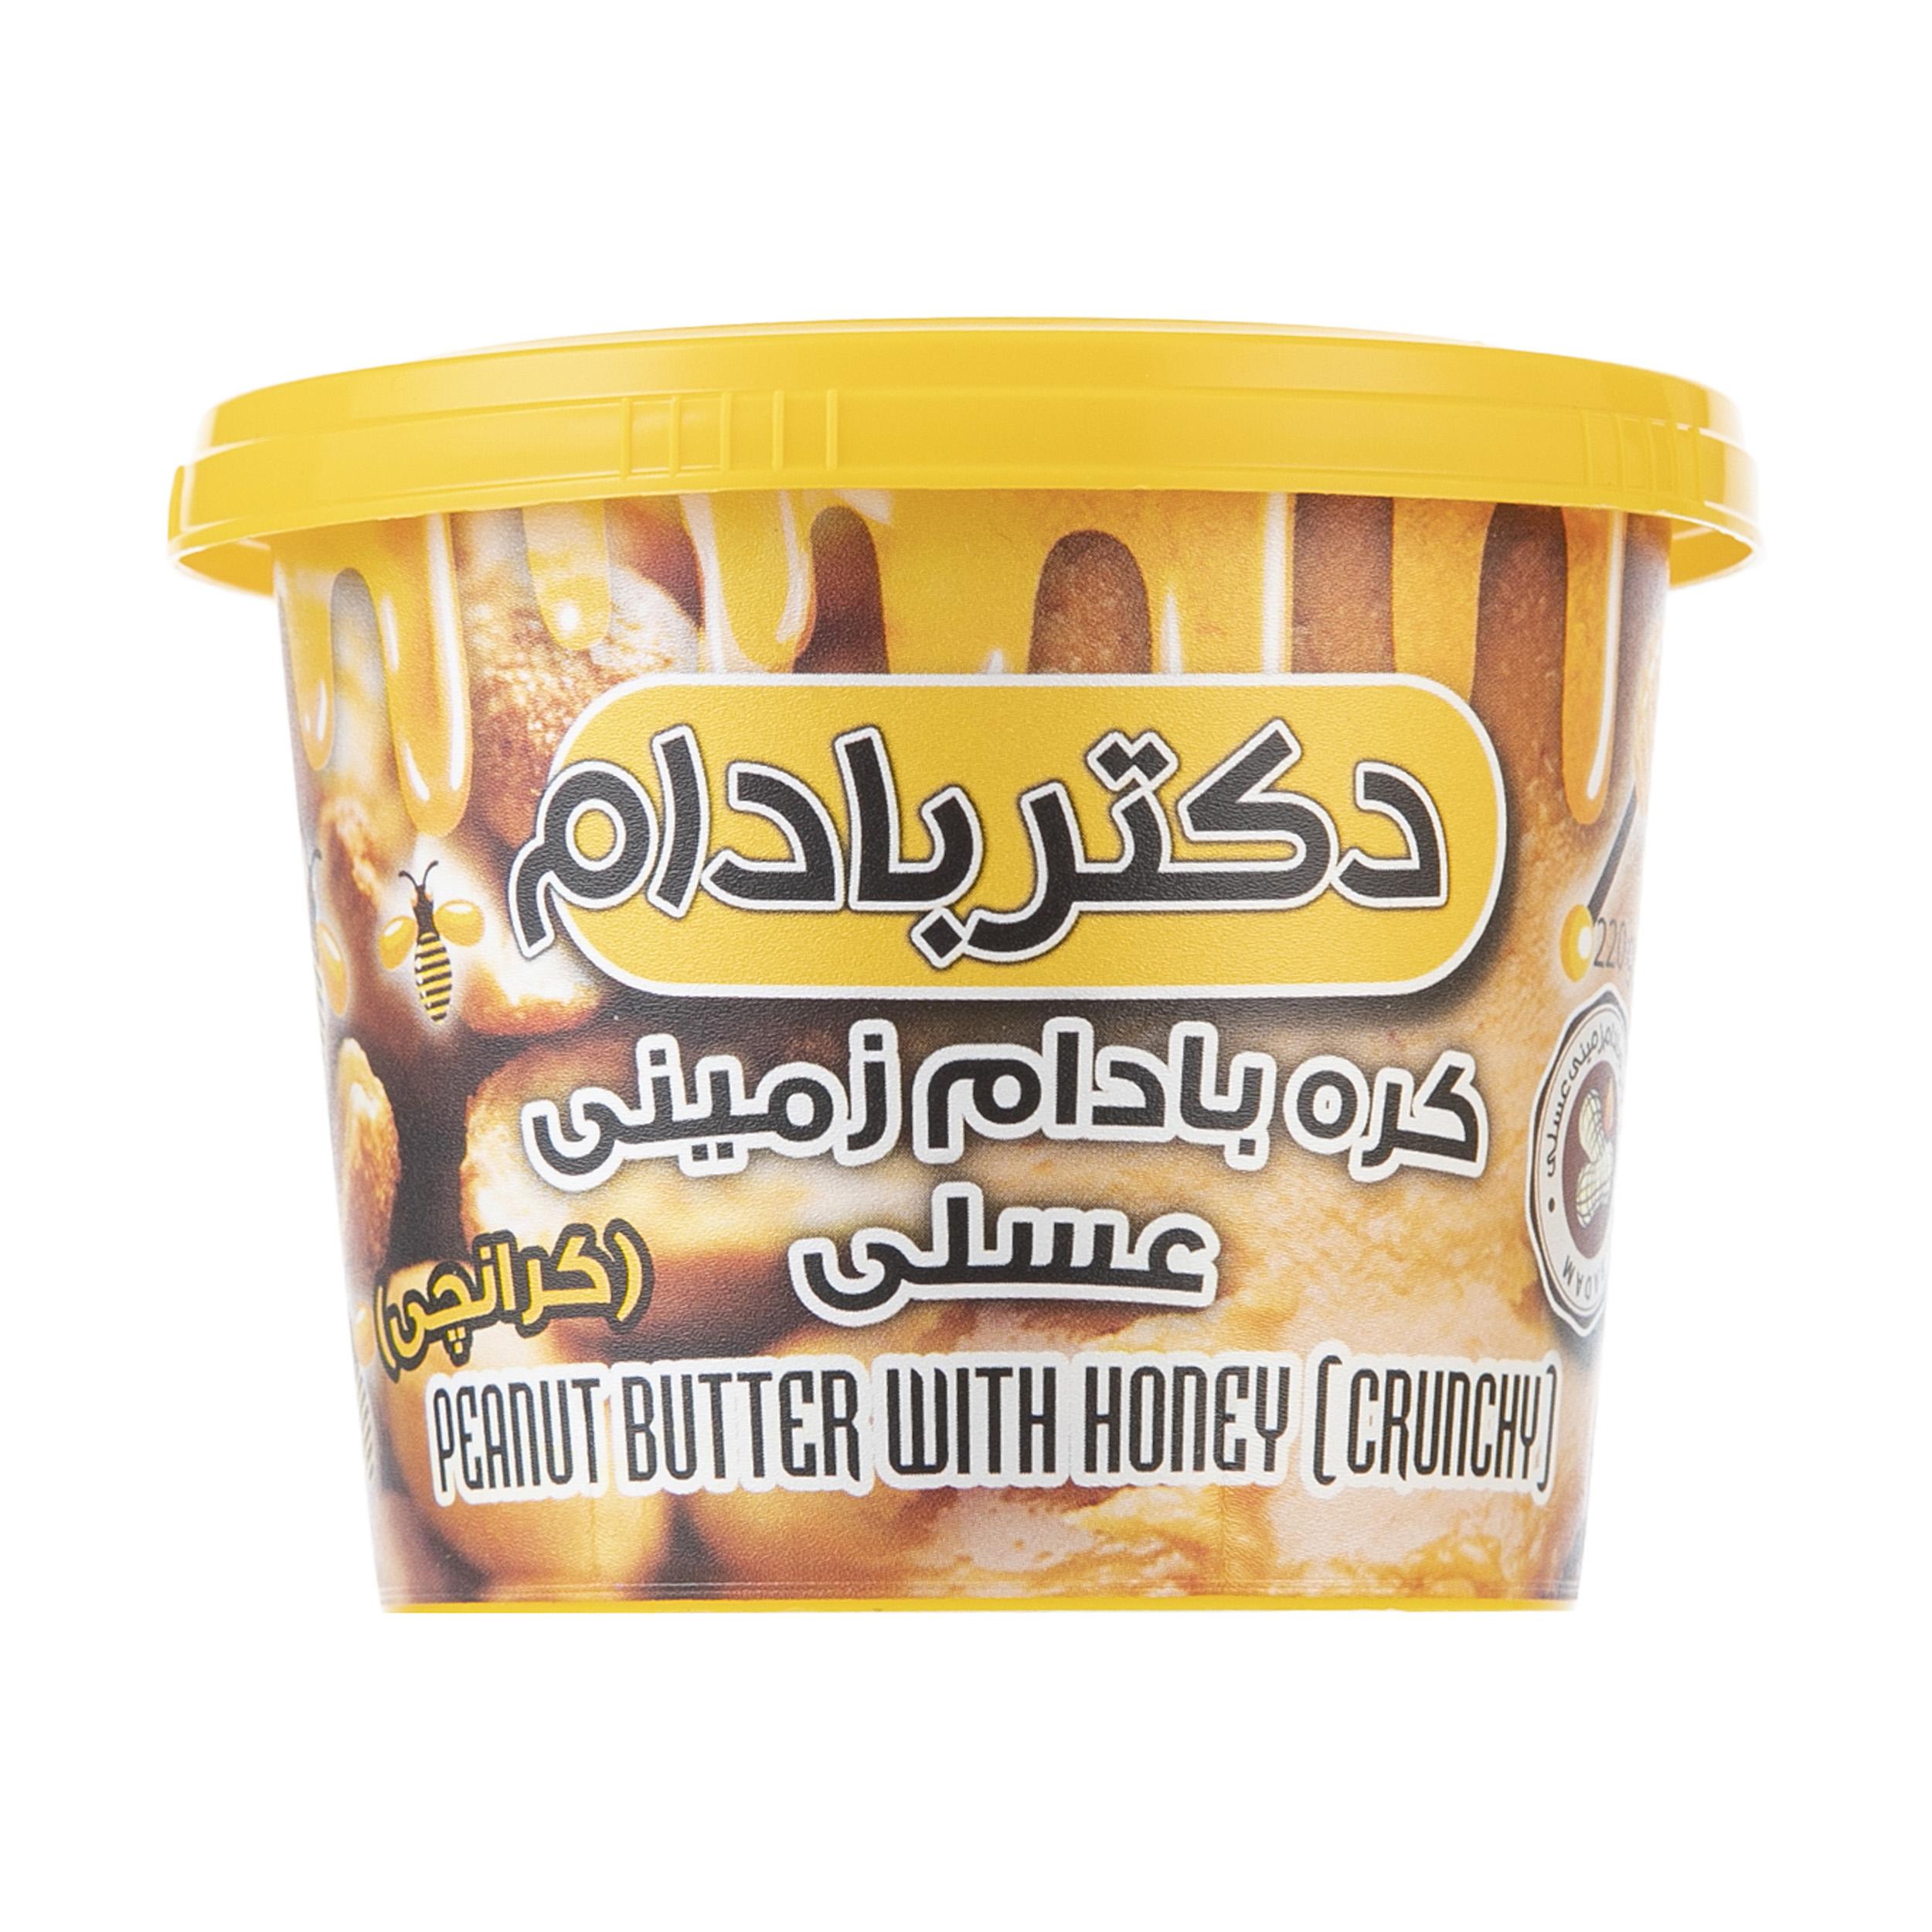 کره بادام زمینی عسلی کرانچی دکتر بادام وزن 220 گرم